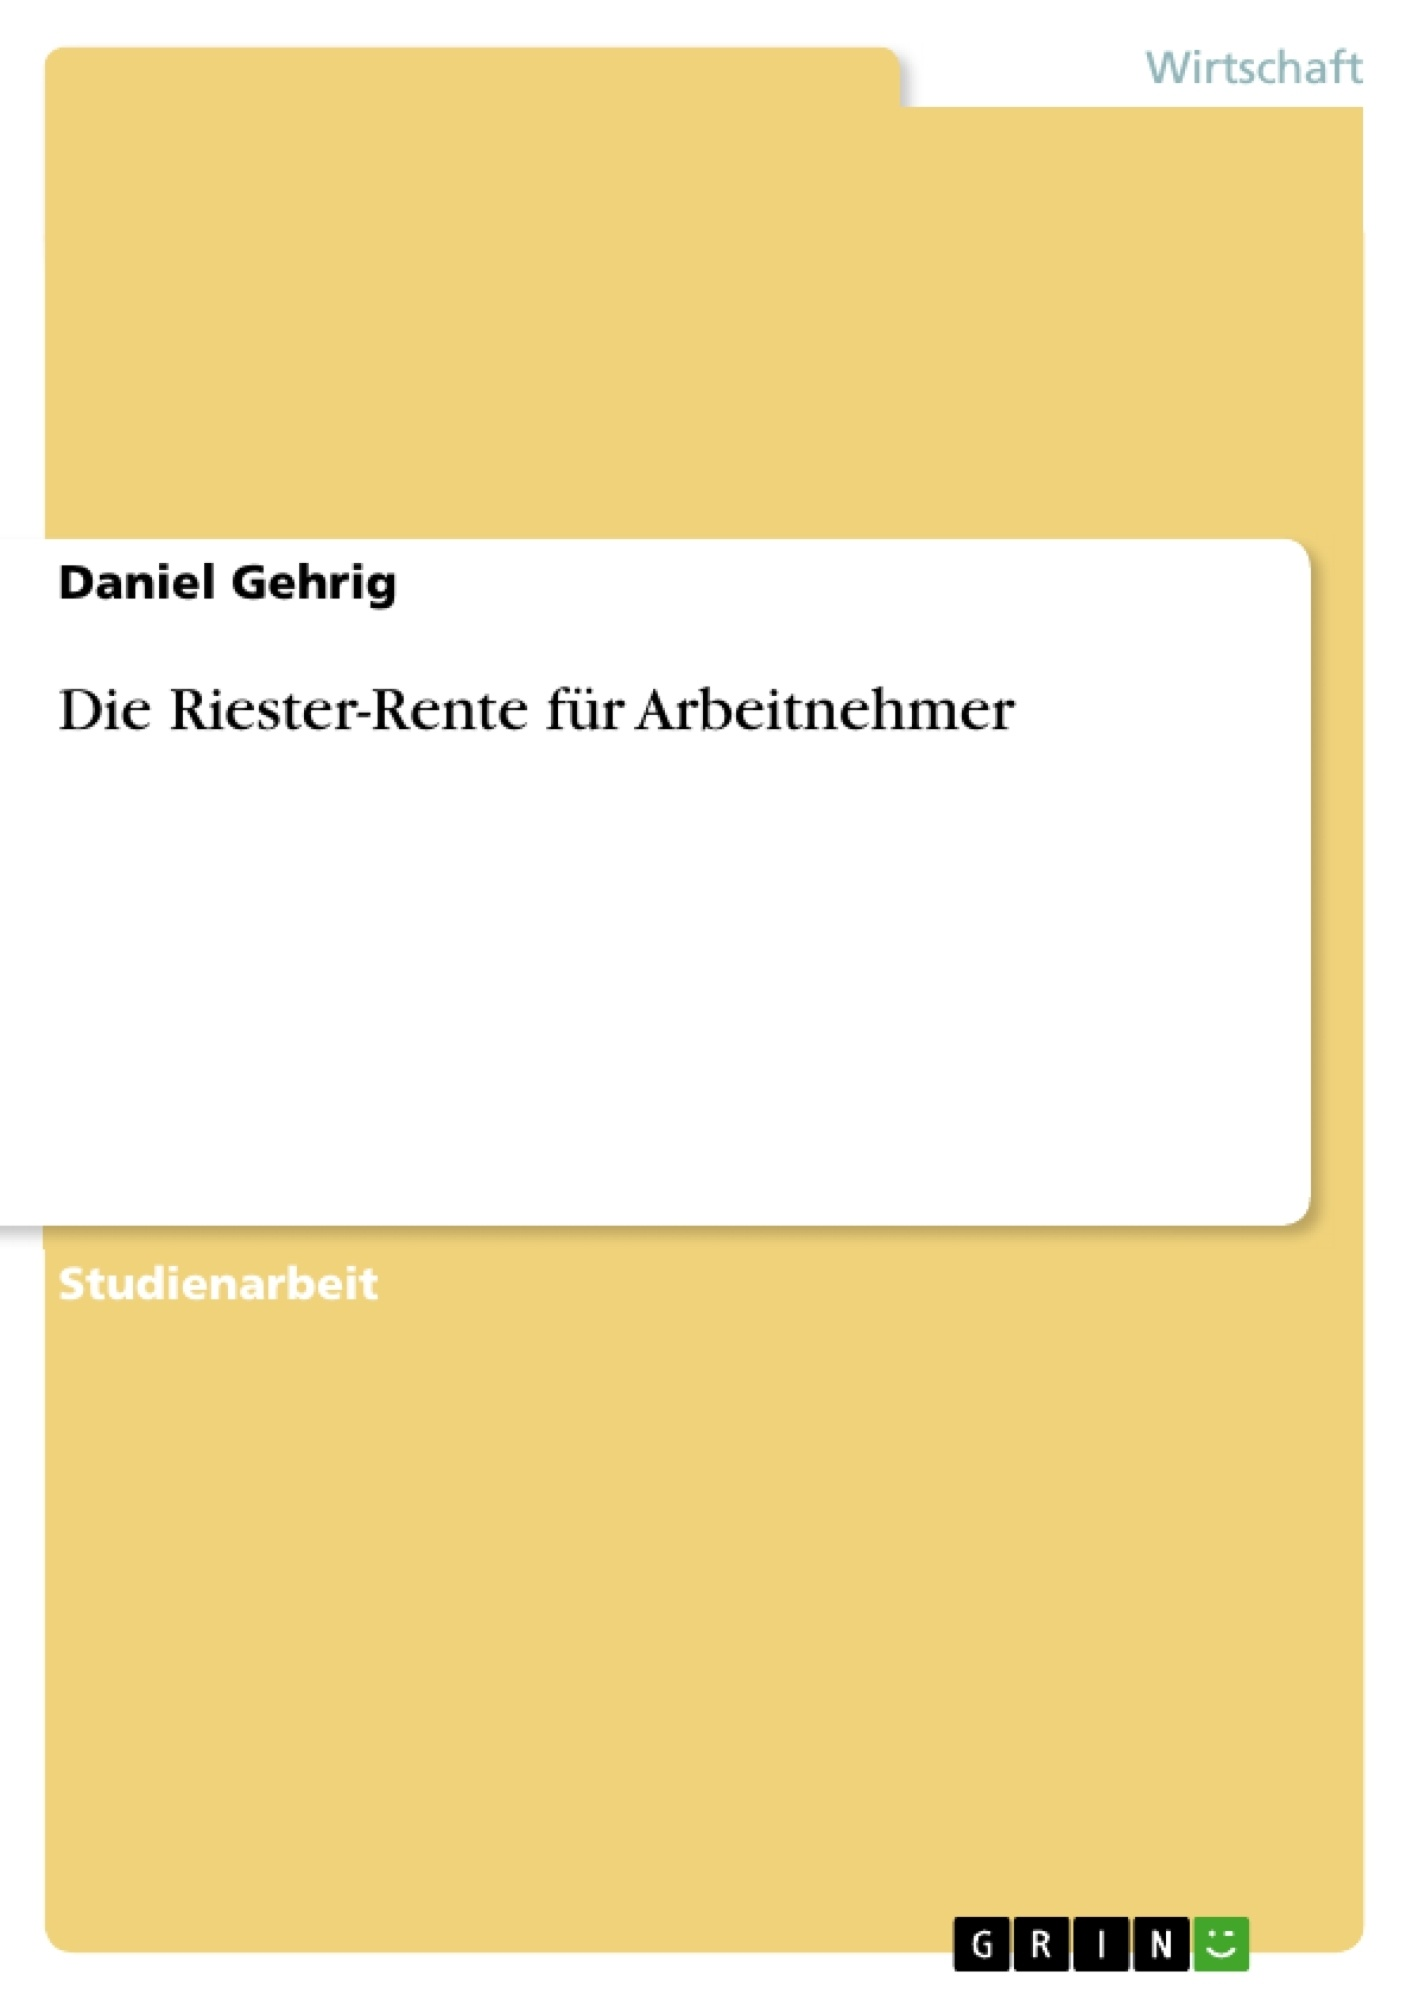 Titel: Die Riester-Rente für Arbeitnehmer